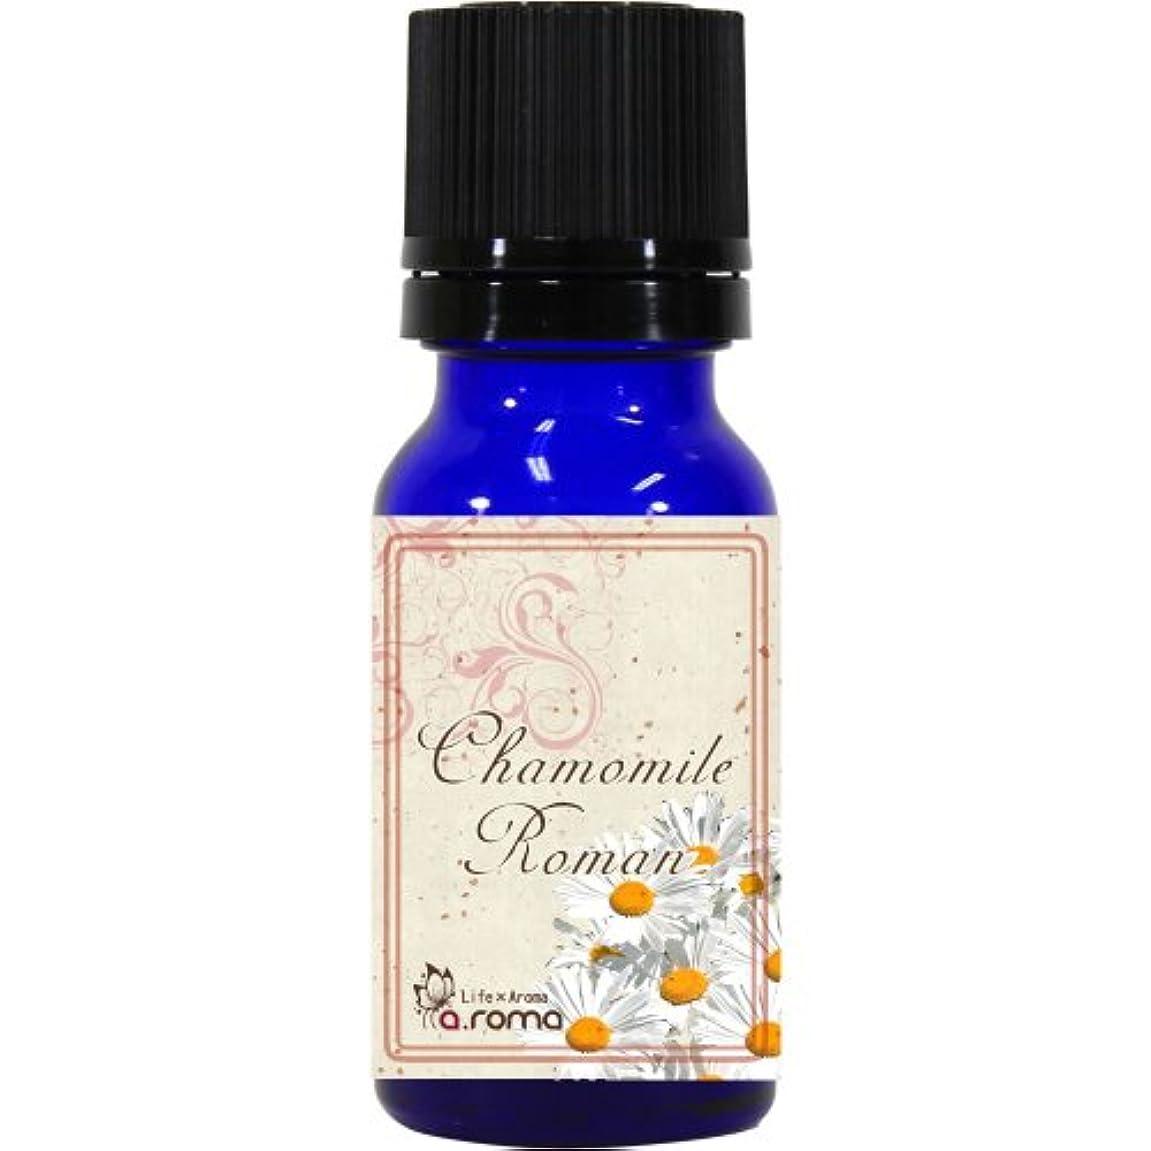 ぬいぐるみ現れるベッドカモミールローマン 10ml 100% エッセンシャルオイル アロマオイル